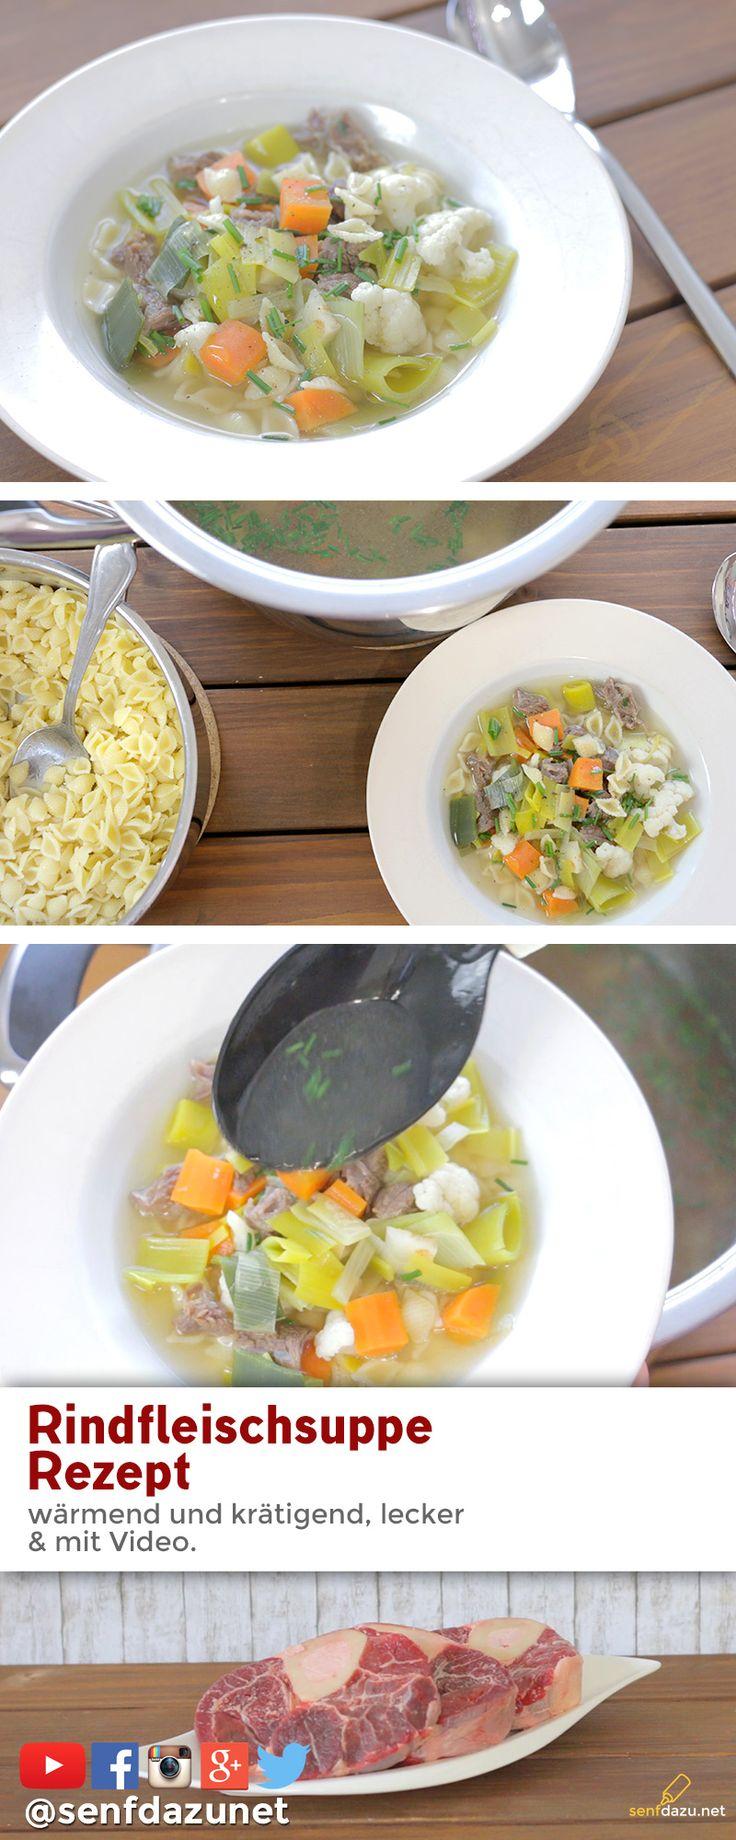 Heute gibt es eine leckere Rindfleischsuppe mit frischem Gemüse und Beinscheibe. Im Video habe ich versucht, Euch das Rezept so einfach und attraktiv wie möglich zu präsentieren. Denn wie ich gehört habe, finden einige so Suppe zu kompliziert oder aufwendig. Nehmt Euch mal die paar Minuten und schaut mal das Video an. Die Suppe braucht zwar lange, aber man muss gar nicht dabei stehen bleiben und der Aufwand ist auch nicht groß.  Ich würde mich freuen, wenn ich es gesch